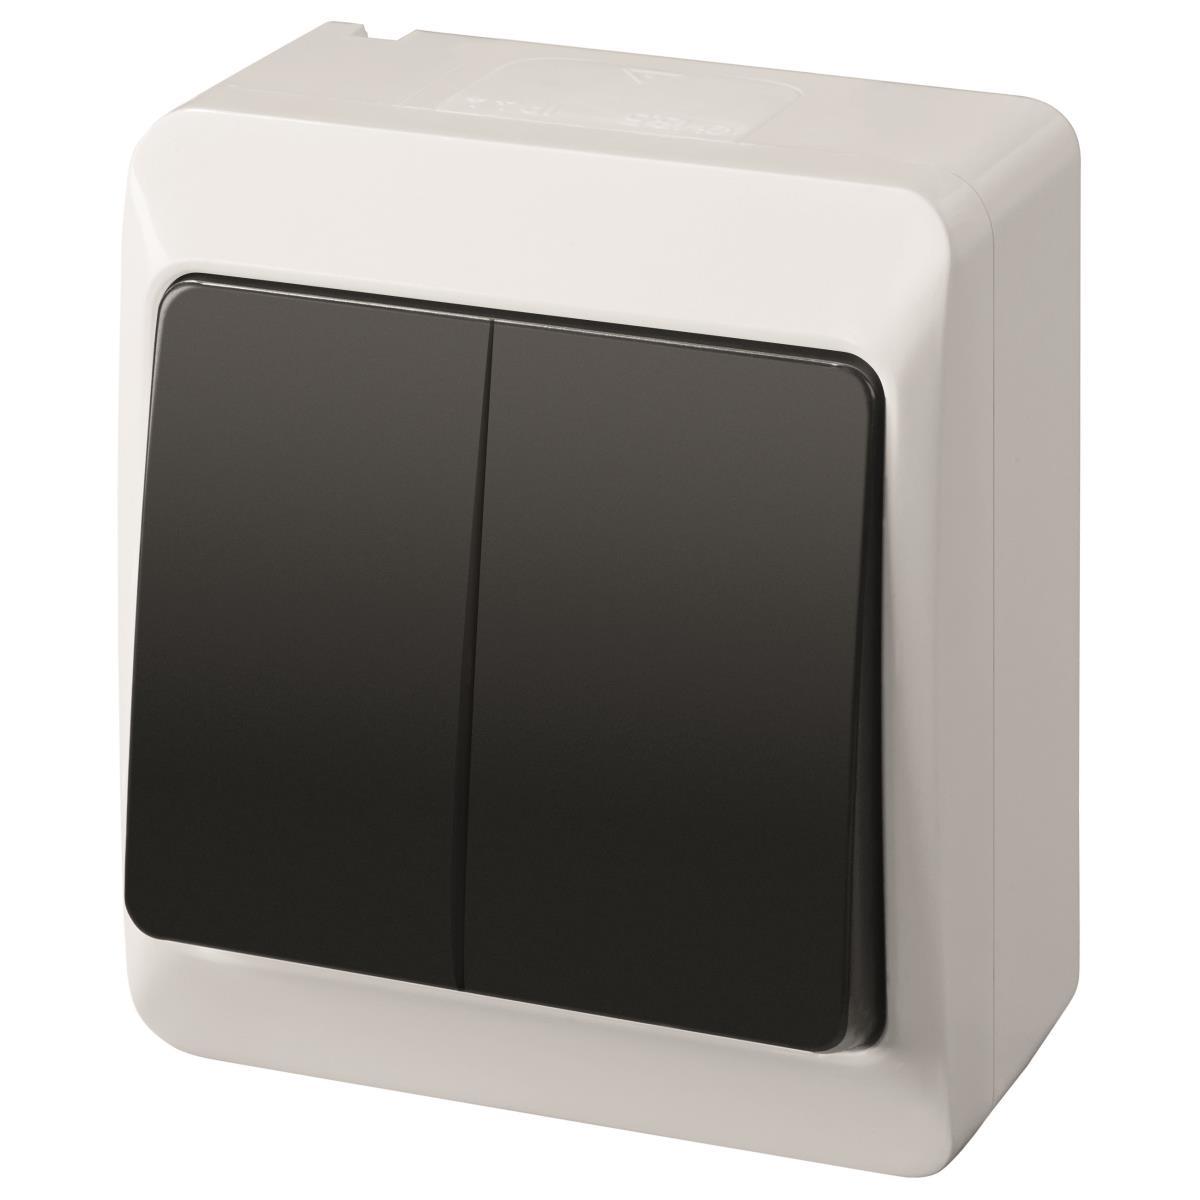 aufputz doppel zweifach lichtschalter schalter 10a 230v ip44 wei schwarz hermes. Black Bedroom Furniture Sets. Home Design Ideas